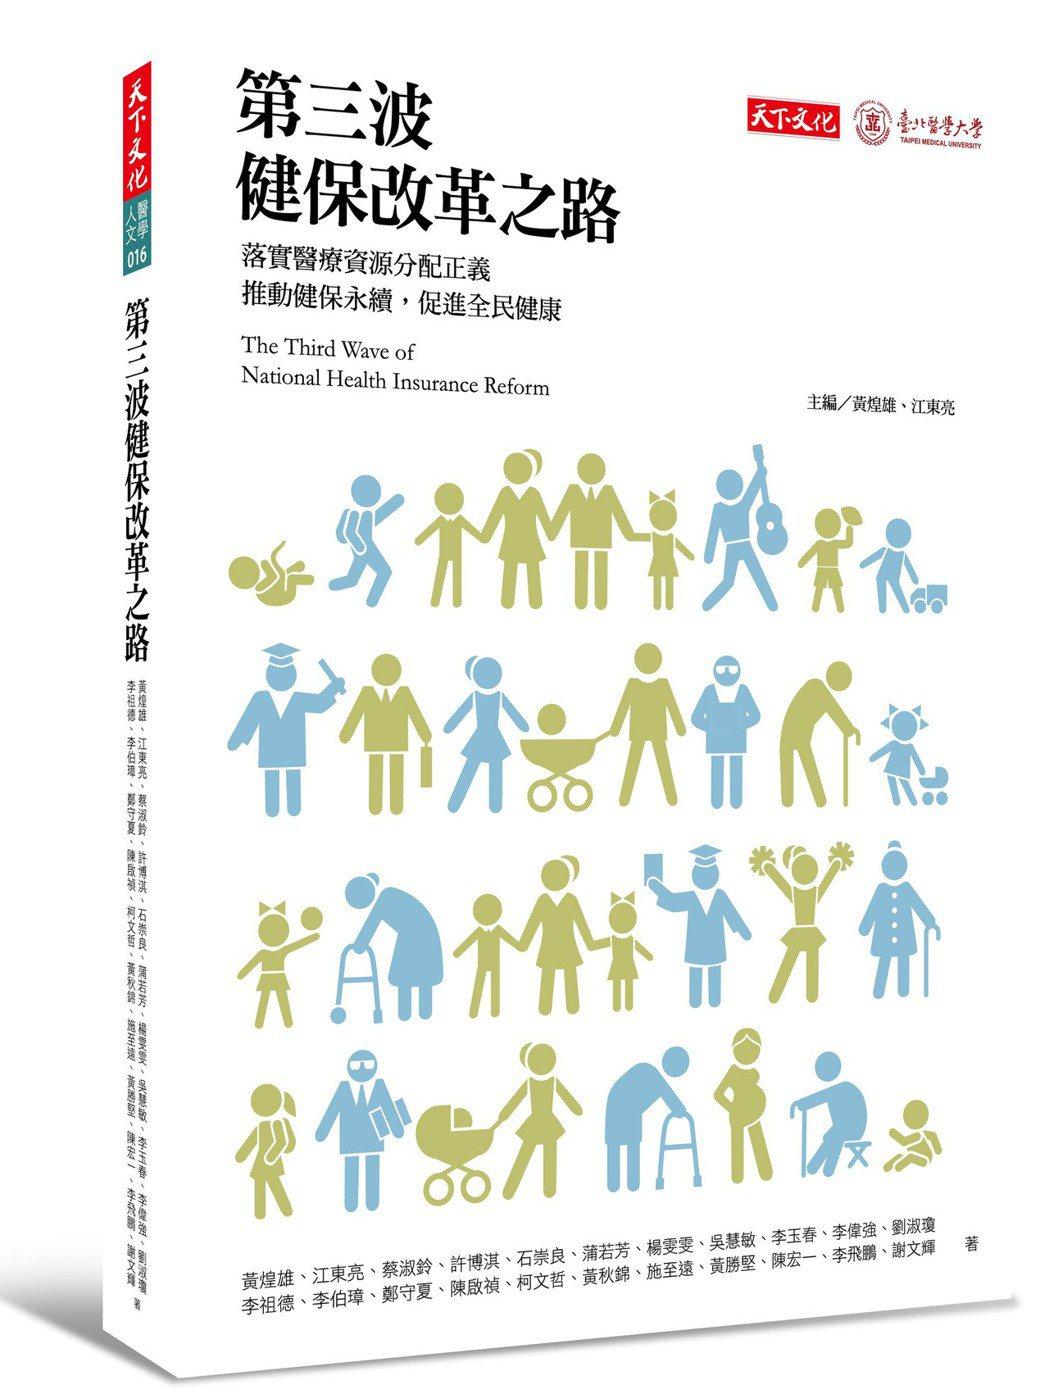 全民健保制度至今25年,台北醫學大學與天下文化近日出版「第三波健保改革之路」,描...